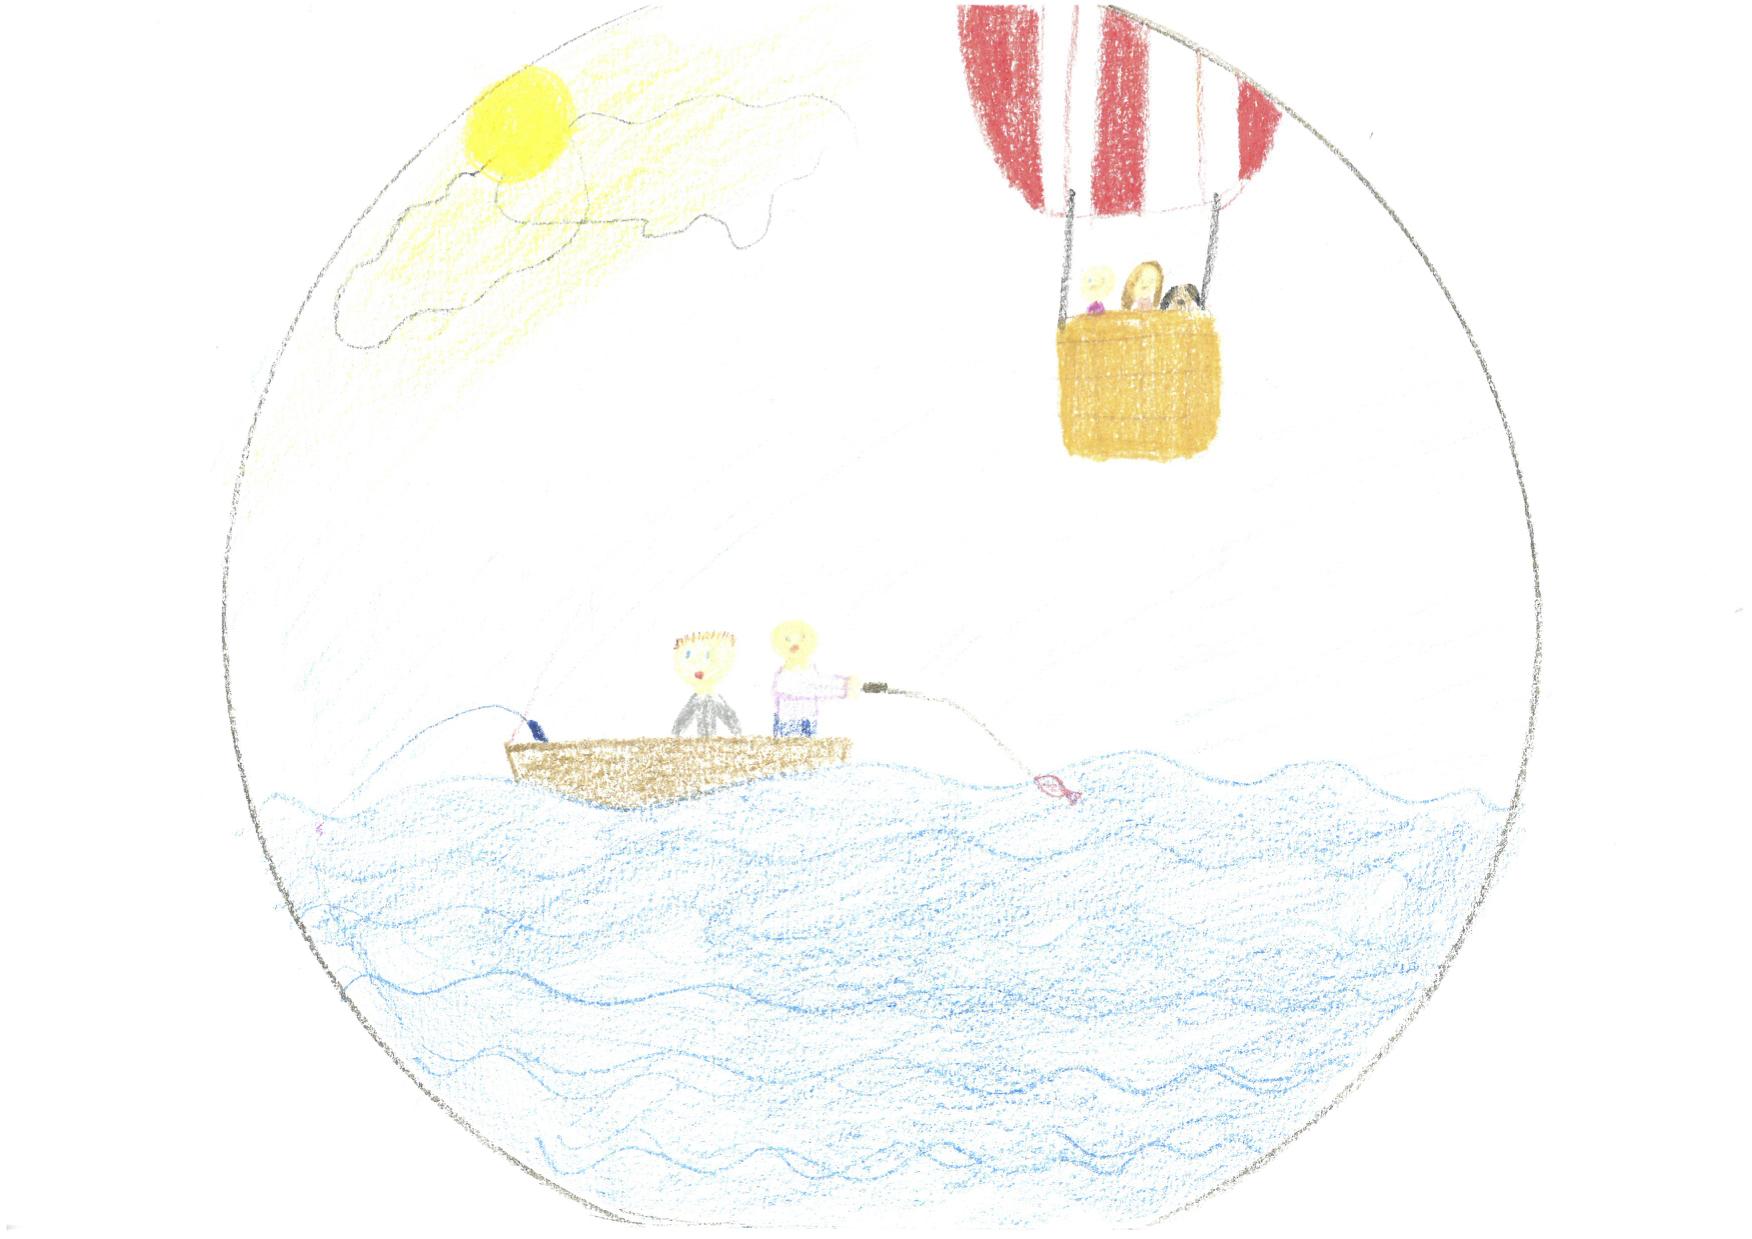 """Pige på 12 år i behandling for kræft og deltager i MICO projektet.  Tegning fra session på pigens hospitalsstue, hvor pigen ønsker at høre musikfortællingen  Den magiske luftballon . Pigens far deltager også, hvilket han har gjort flere gange før.  Efter musikfortællingen laver pigen en tegning med to personer, der fisker i en båd på en sø og en luftballon. Pigen fortæller musikterapeuten, at hun under musikfortællingen så sig selv flyve i luftballon med sin søster og sin hund. Om båden fortæller pigen, at hun fisker med sin far og at hun drømmer om at få en båd og komme ud at fiske. Hun uddyber, at hun forbinder det at fiske med frihed og at komme lidt væk fra det hele, hvilket musikfortællingen gav mulighed for på et indre plan.  Pigen giver tegningen titlen  Frihed  og fortæller, at det vigtigste i tegningen og oplevelsen er at være sammen med familien, og at tegningen viser """"En god dag"""" med familien.   Girl 12 years, in cancer treatment and participant in the MICO study.  The drawing originates from a music therapy session in the girl´s hospital room in which she wished to hear the music narrative  The Magic Hot Air Ballon . The girl´s father also participated in the session, which he did several times during her participation in the MICO study.  After the music narrative the girl makes a drawing of two persons in a boat fishing in a lake and a hot air balloon flying above the lake.  In the subsequent dialogue the girl explains to music therapist that she imagined herself flying in the hot air ballon with her sister and her dog. As to the boat, she tells that she imagined fishing with her father and that she dreams of having a boat and go fishing. She continues and explains that she associates fishing with freedom, which the music narratives afforded on an inner level. The girl designates the drawing the title  Freedom  and tells that the most important thing in the drawing and her experience are to be together with her family and that the drawing reflects """"A lo"""